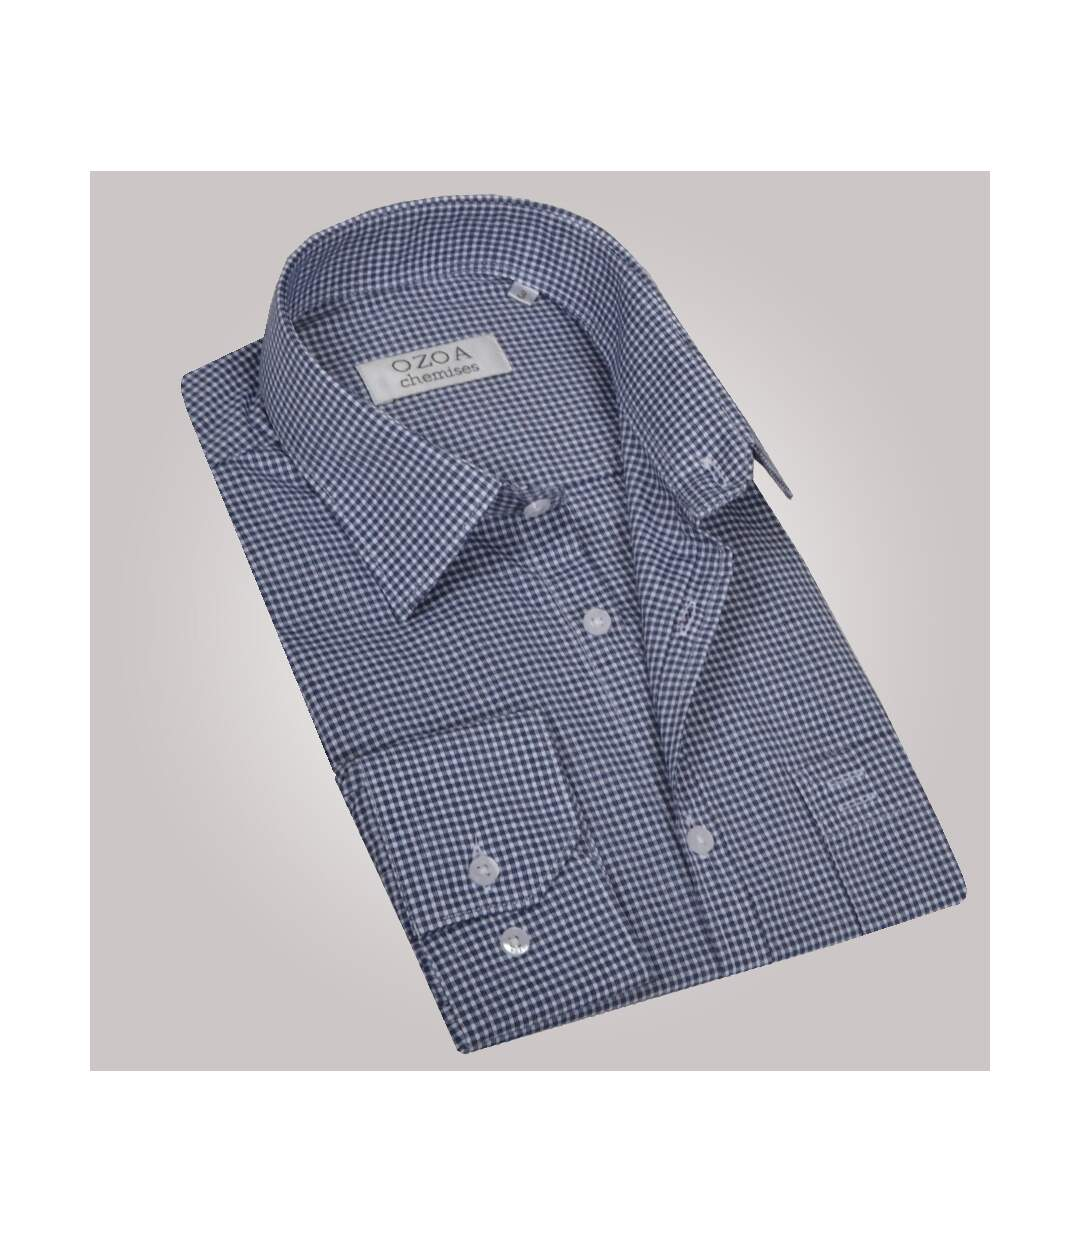 Chemise homme à carreaux bleu gris avec poche poitrine - Chemise NON CINTRÉE